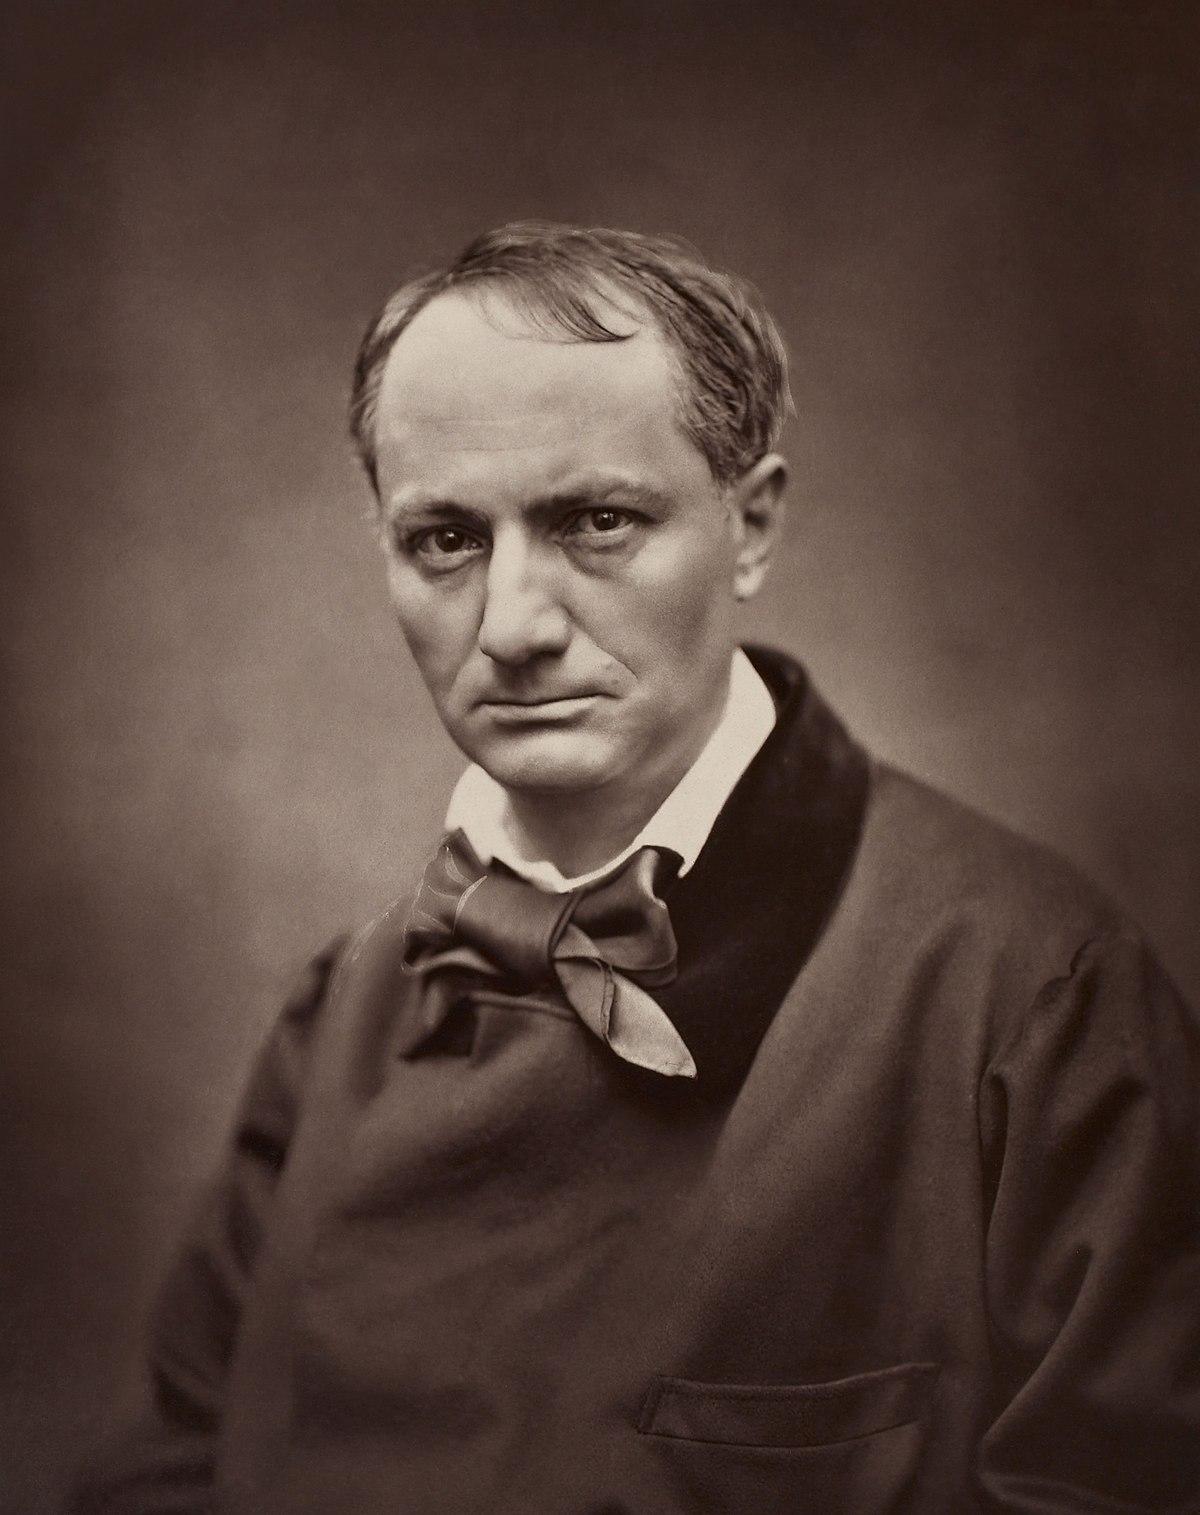 1200px-Étienne_Carjat,_Portrait_of_Charles_Baudelaire,_circa_1862